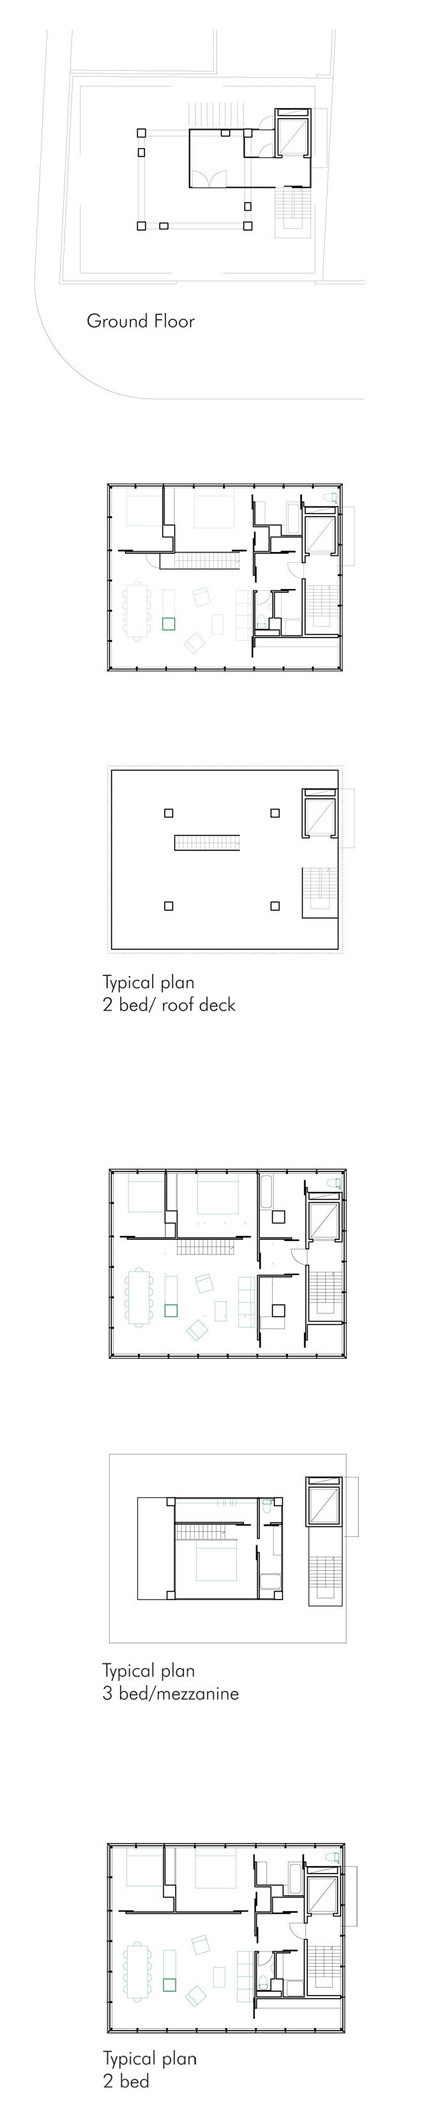 Dossier de presse | 969-01 - Communiqué de presse | HA tower - Frontoffice + Francois Blanciak Architect - Immobilier - Crédit photo : Frontoffice + Francois Blanciak Architect